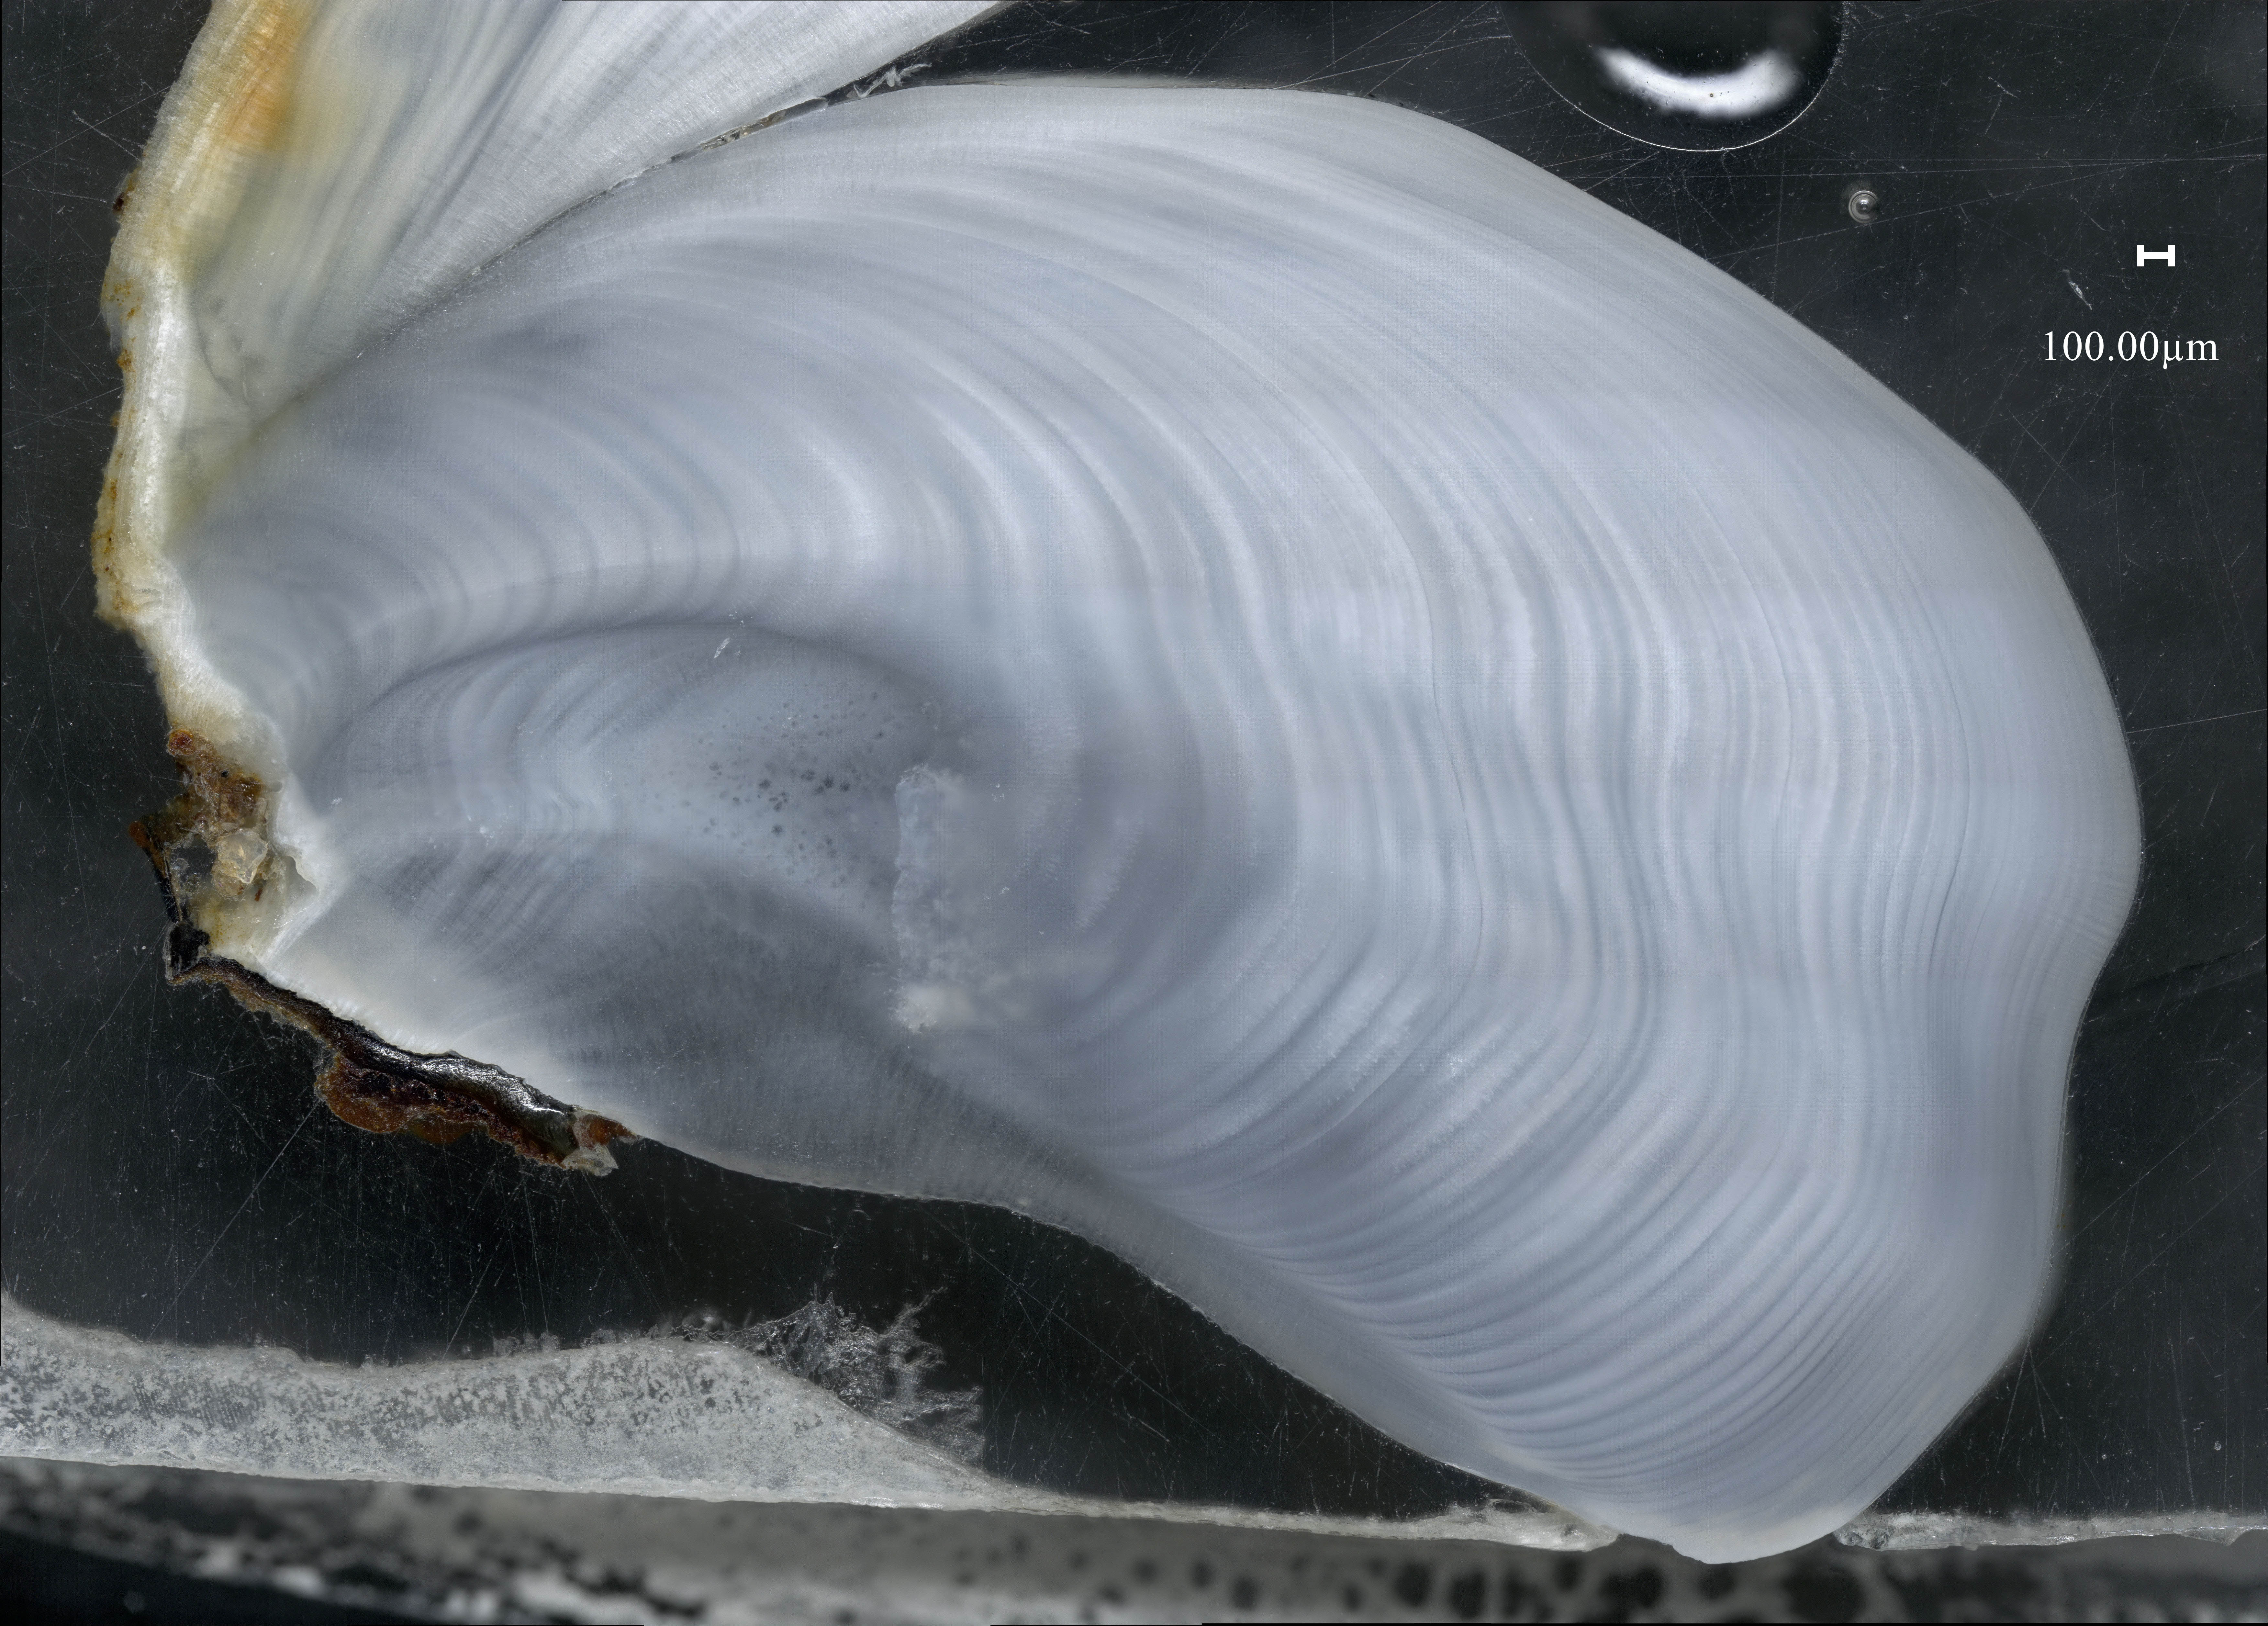 Photo prise au microscope keyence d'une coupe transversale d'une coquille du bivalve arctique Astarte moerchi de l'archipel du Svalbard